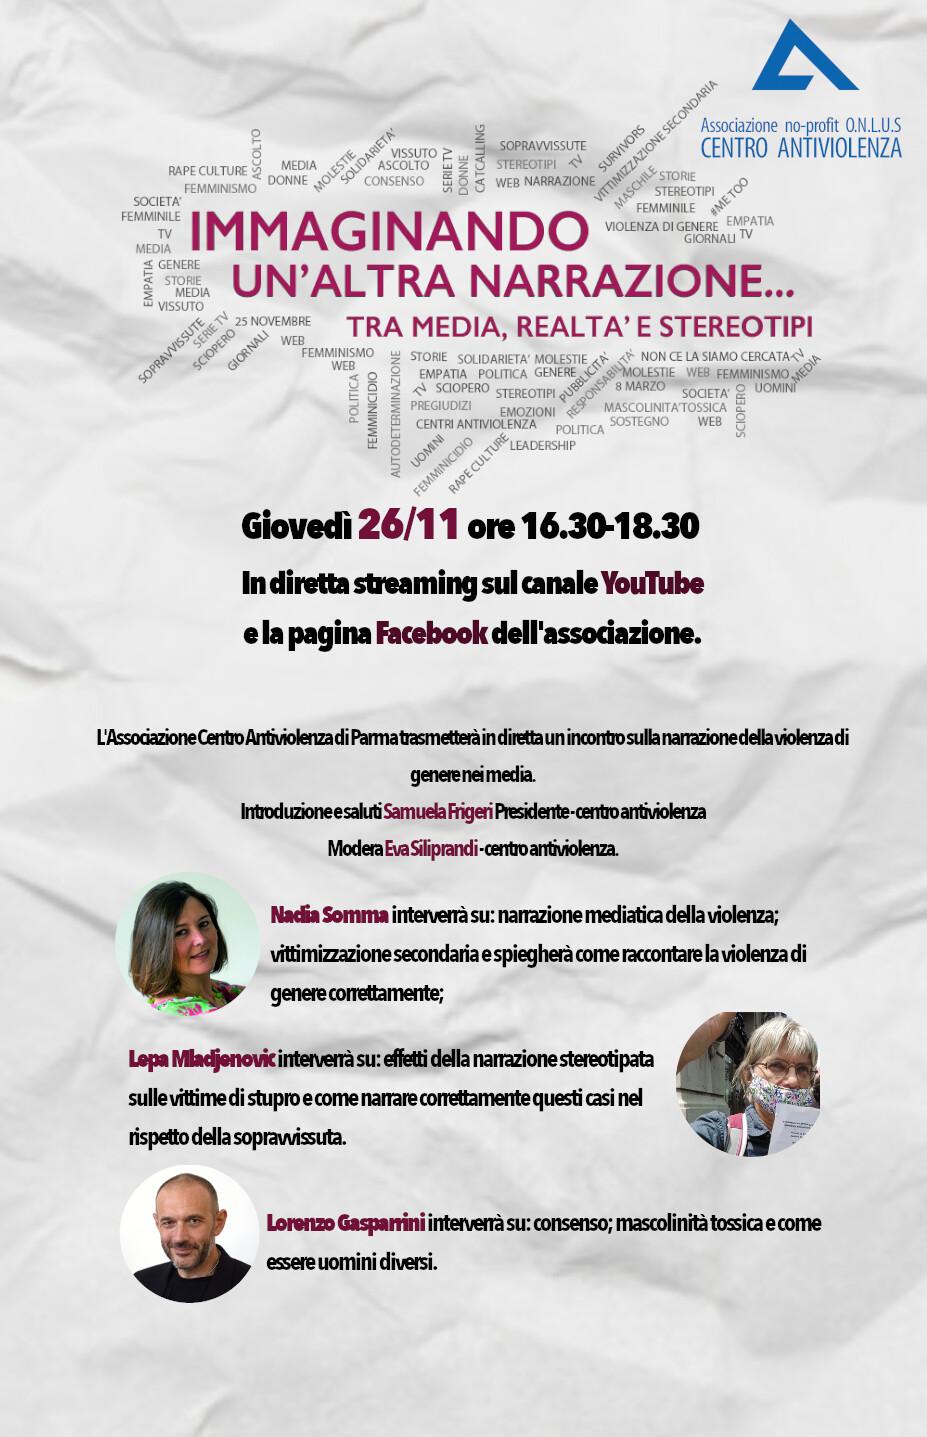 Immaginando un'altra narrazione, evento online del Centro antiviolenza d Parma